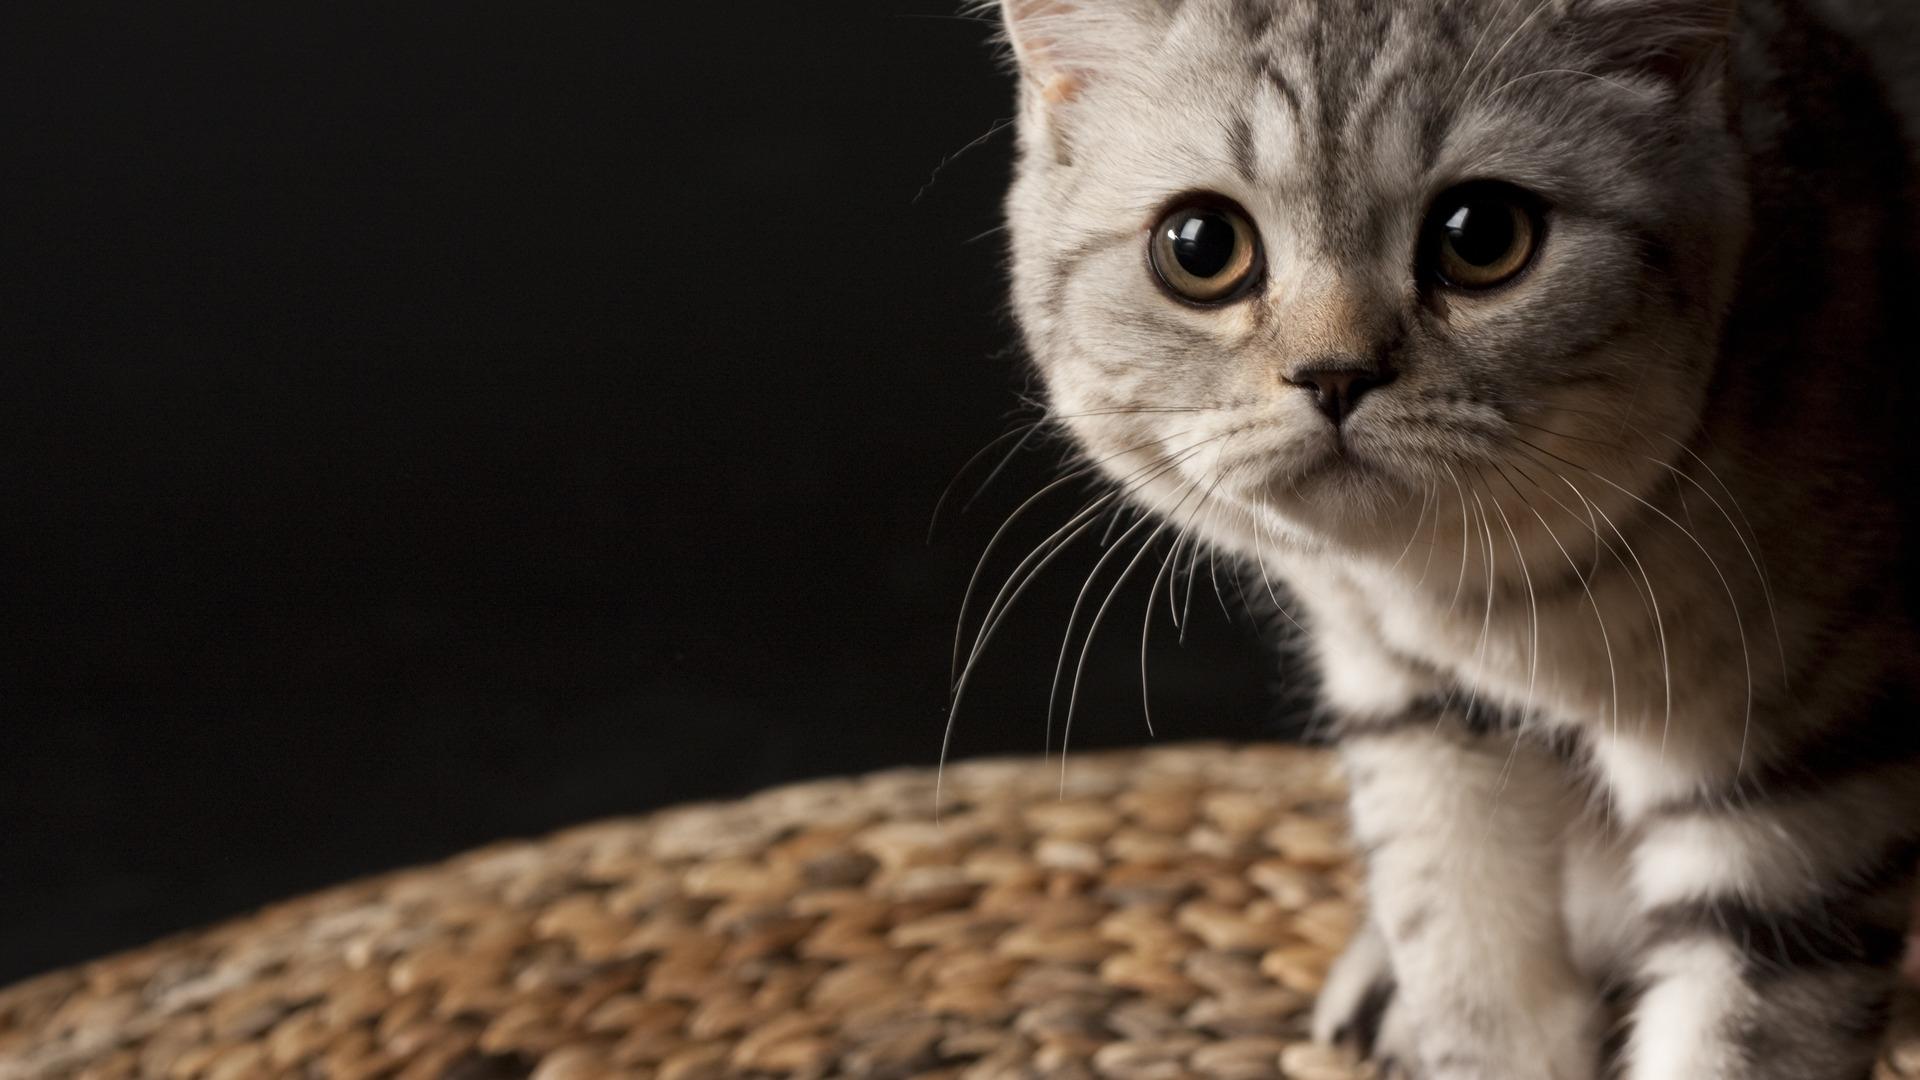 23845 скачать обои Животные, Кошки (Коты, Котики) - заставки и картинки бесплатно